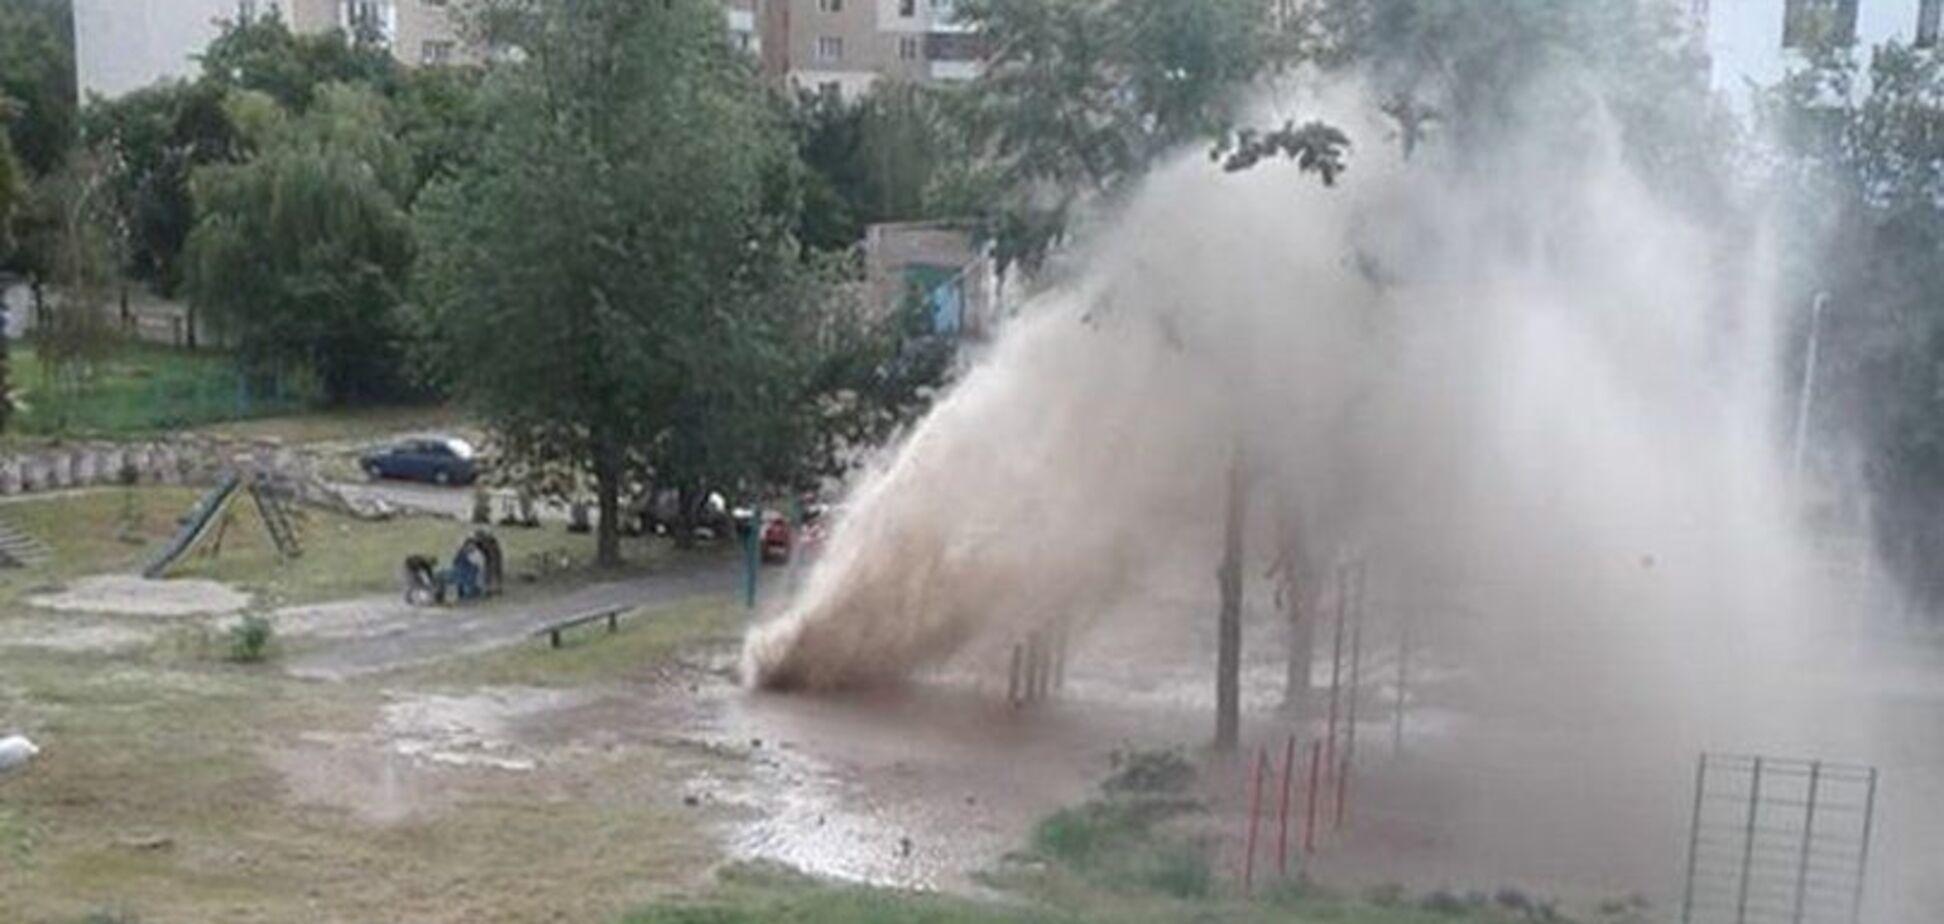 Опалювальний сезон у Києві: названо єдине рішення уникнути аварій